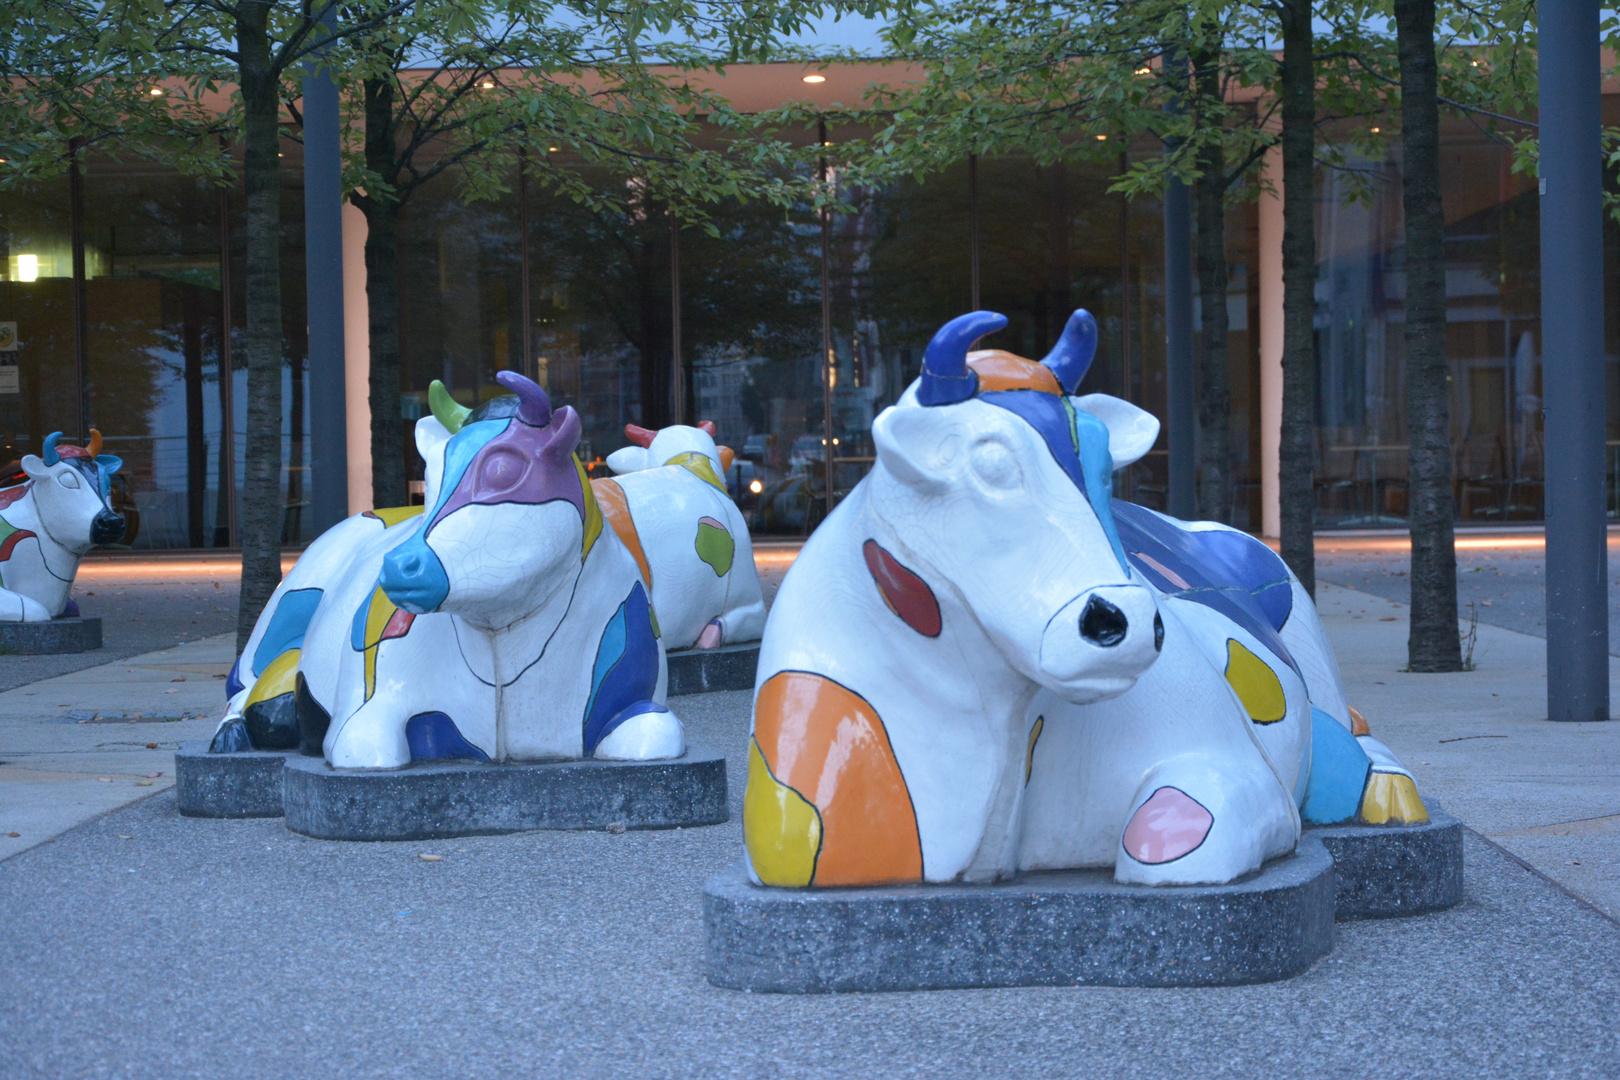 Kuh in der Stadt